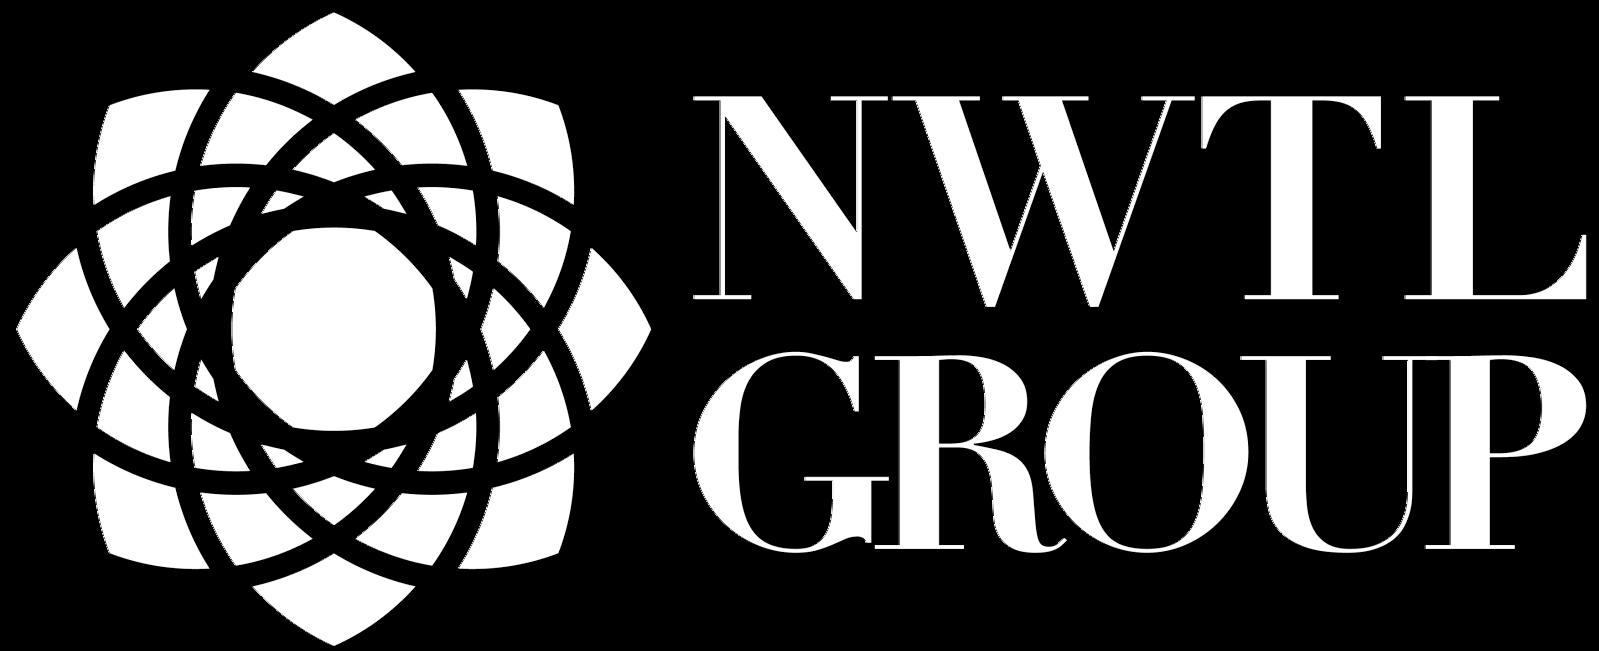 NWTL Group of Companies